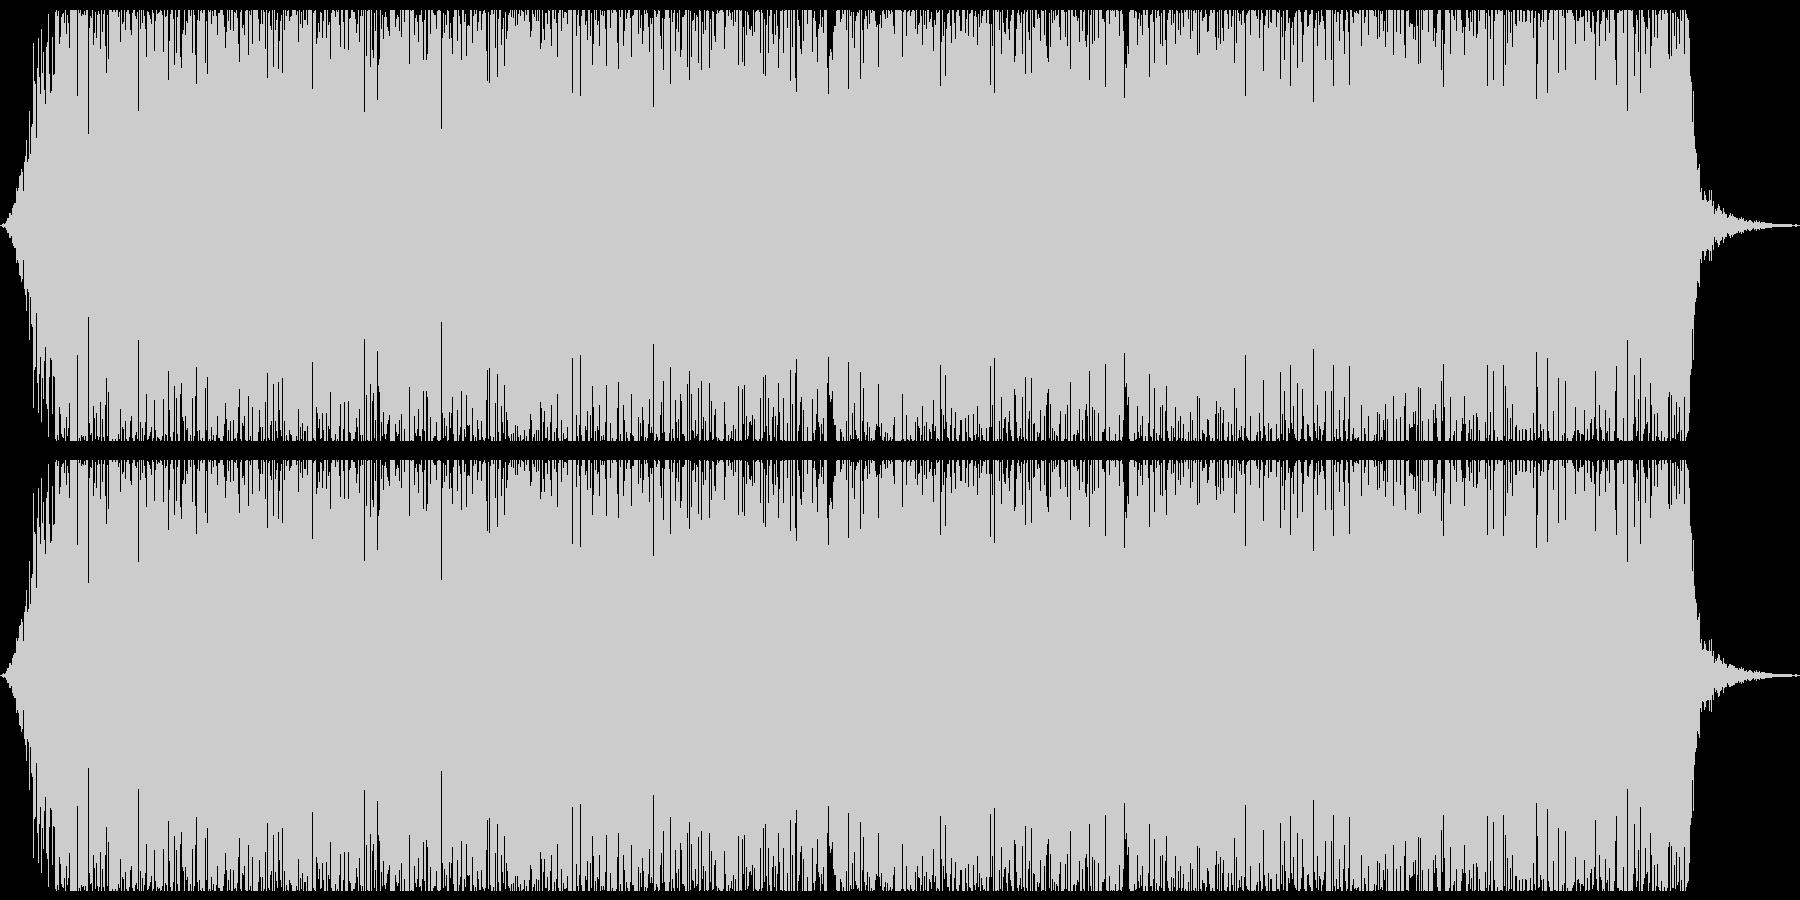 ゴー(地震、地鳴りの音)の未再生の波形